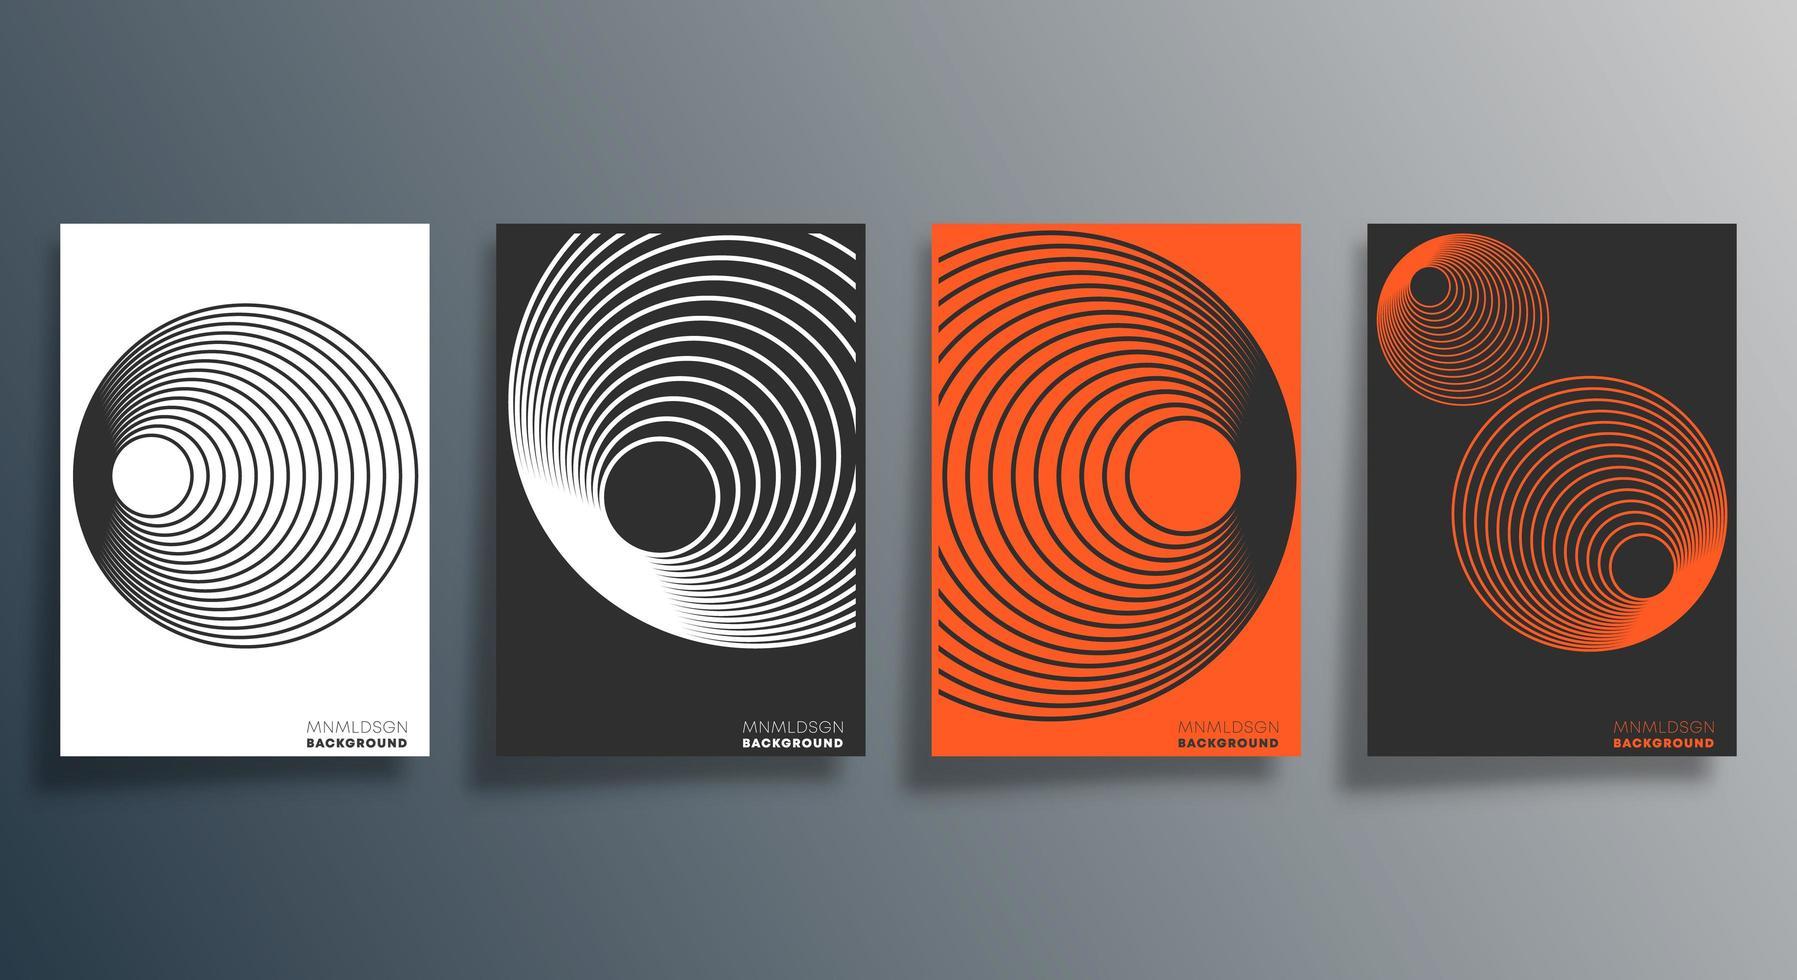 geometrisches Design in Orange, Schwarz, Weiß für Flyer, Poster, Broschüre vektor